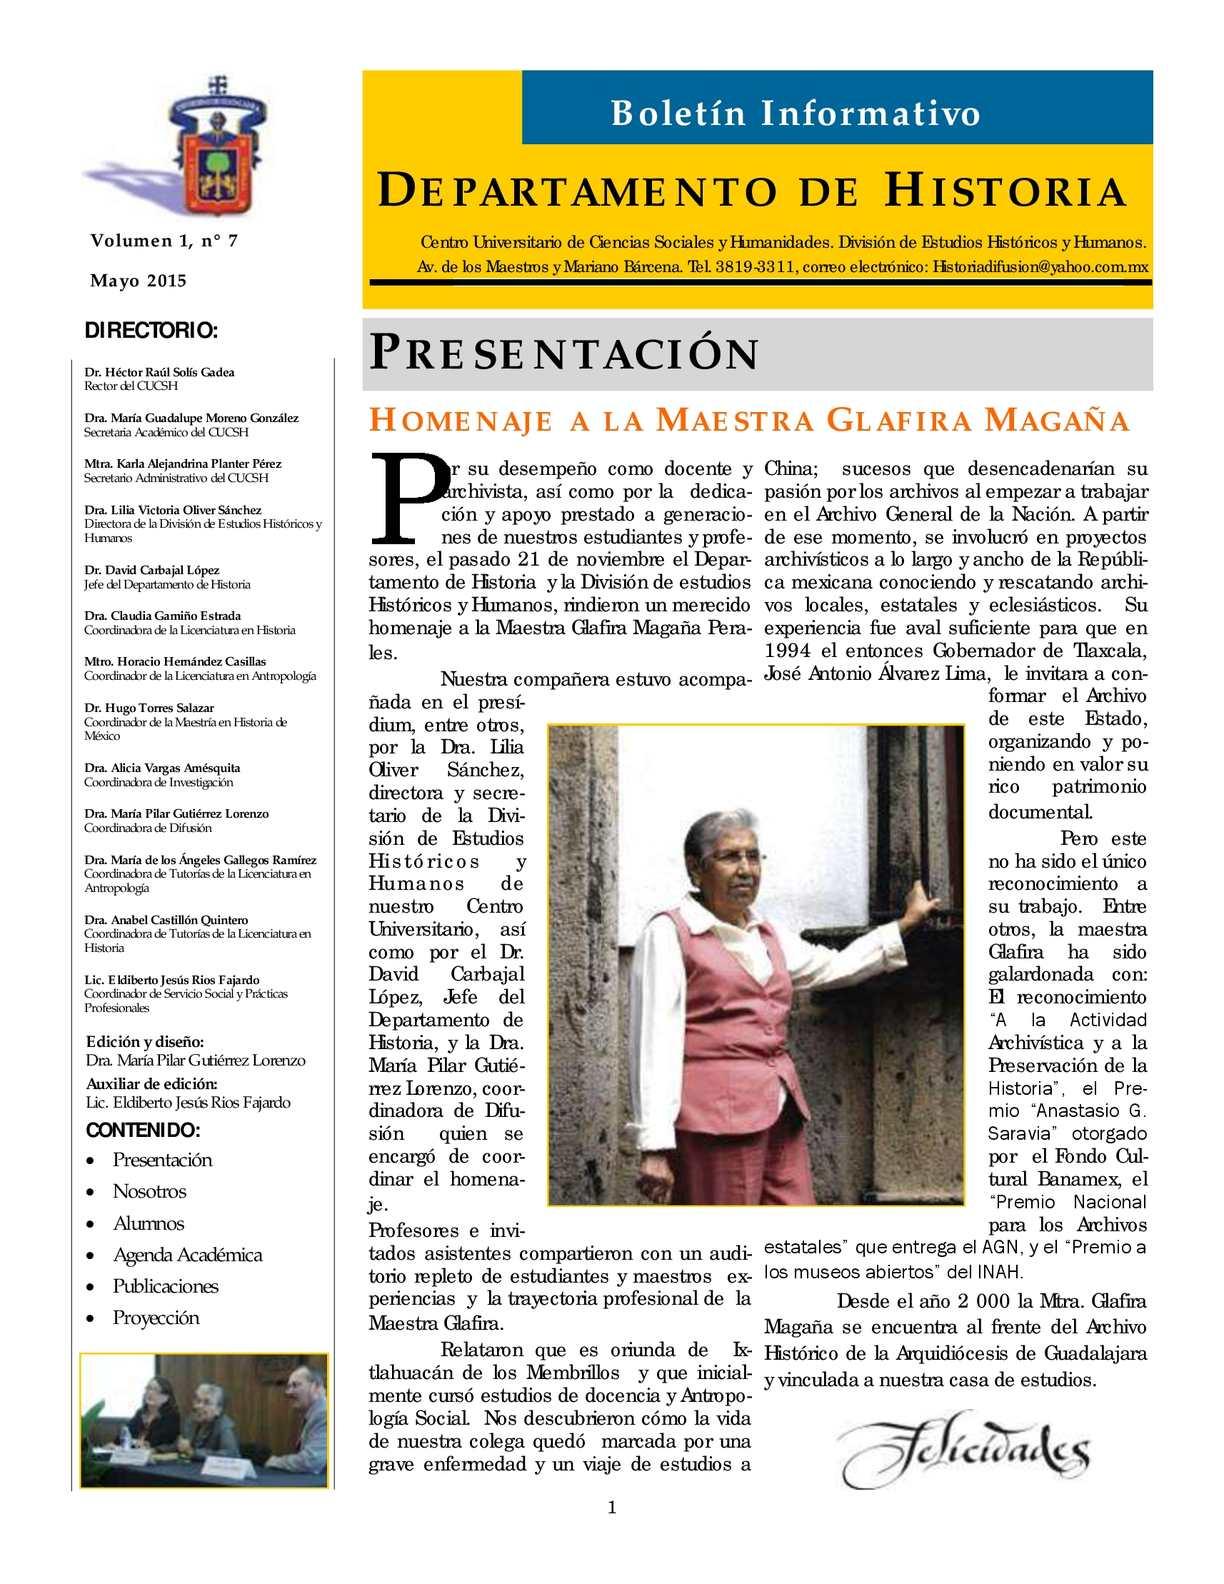 Calaméo - Boletín Del Departamento De Historia, Núm 7 (Mayo 2015)